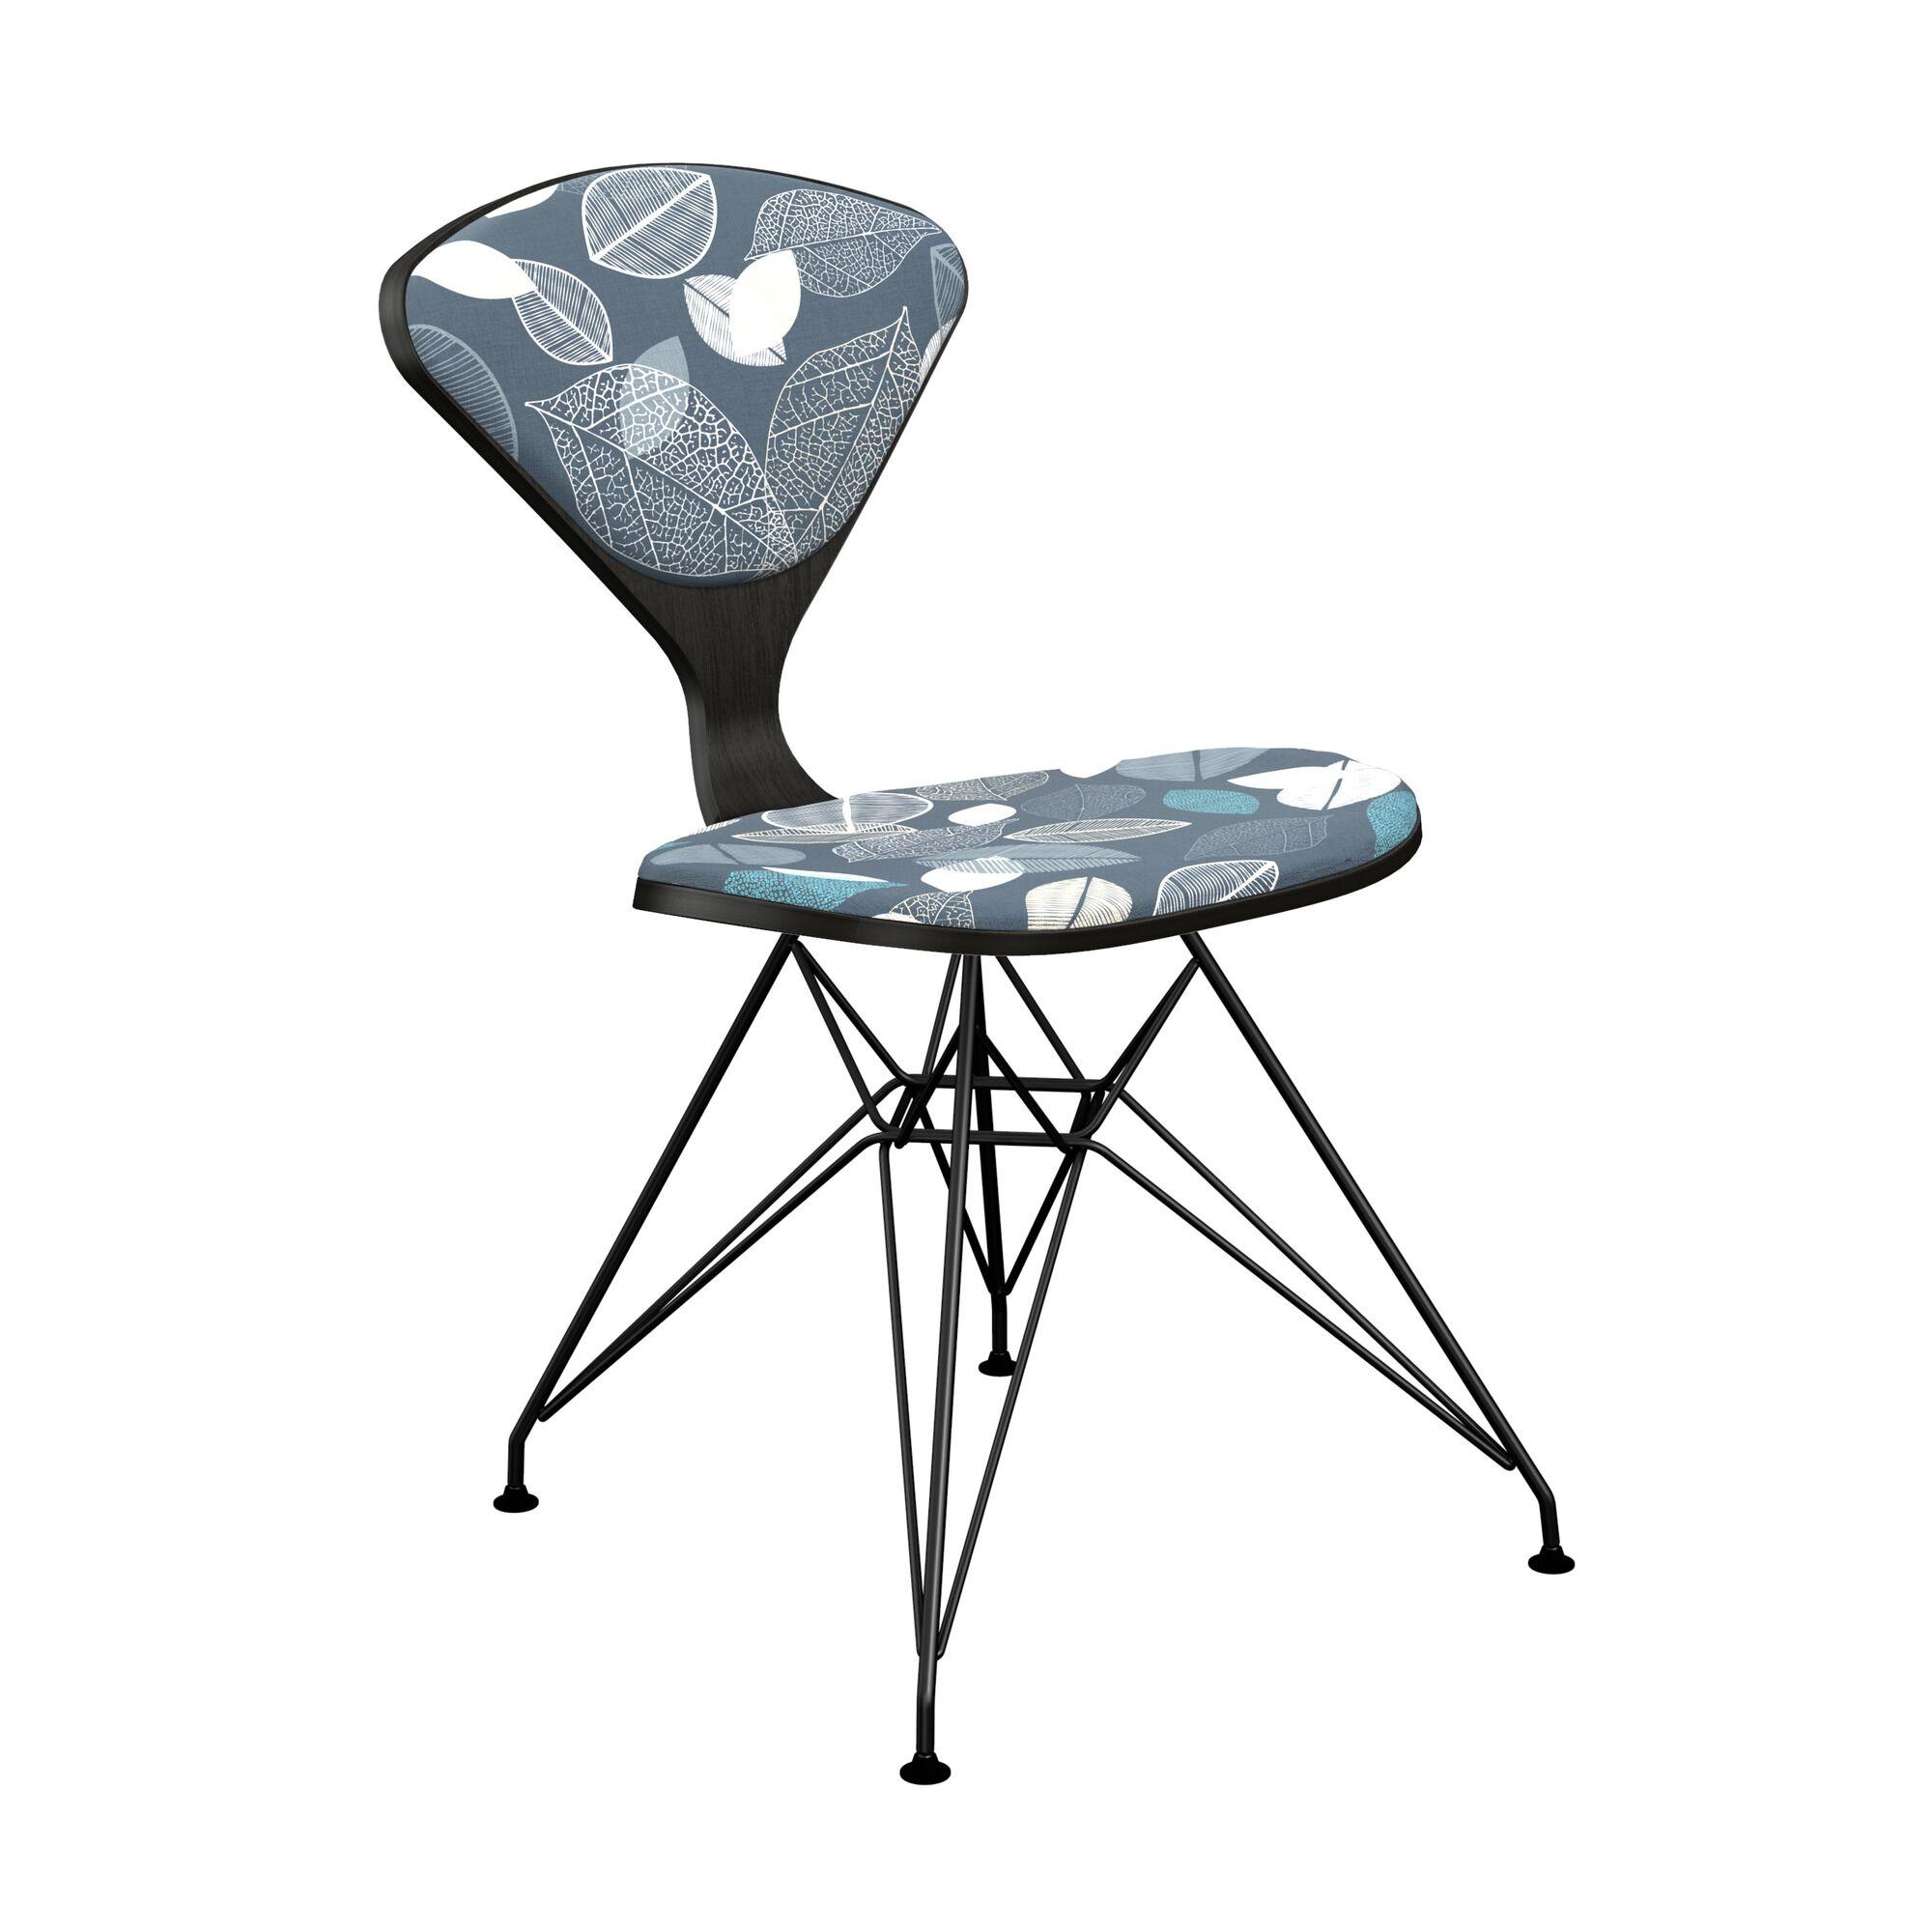 Vesper Upholstered Dining Chair Leg Color: Black, Frame Color: Black